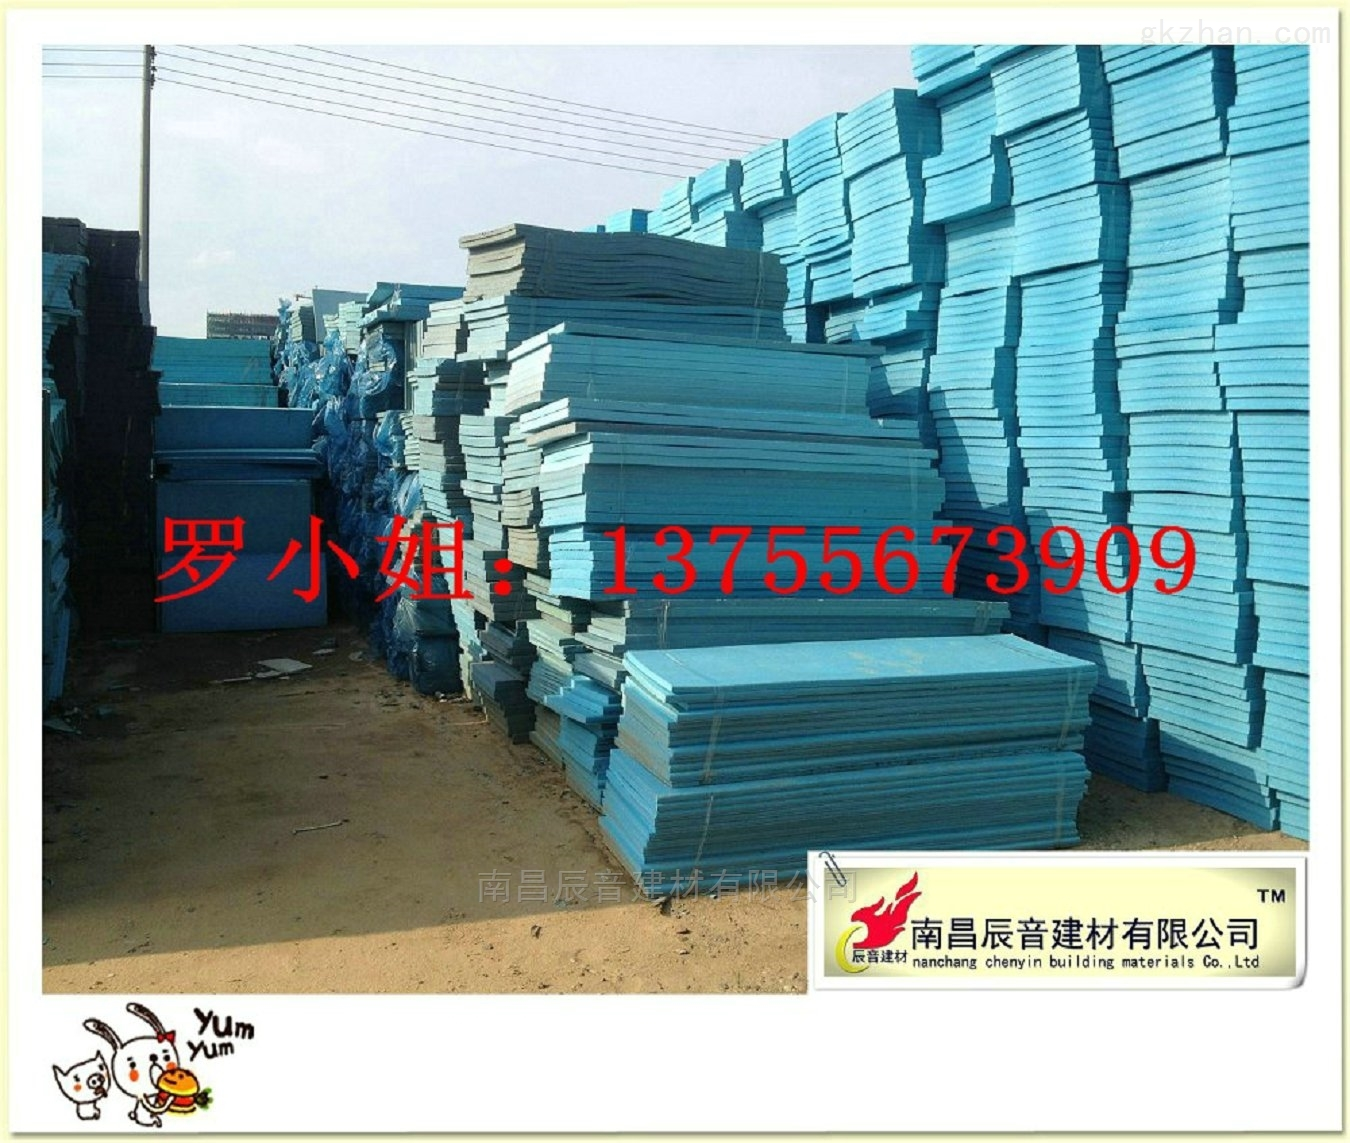 保温隔热_鹰潭屋顶保温隔热挤塑板 XPS隔热板-中国智能制造网